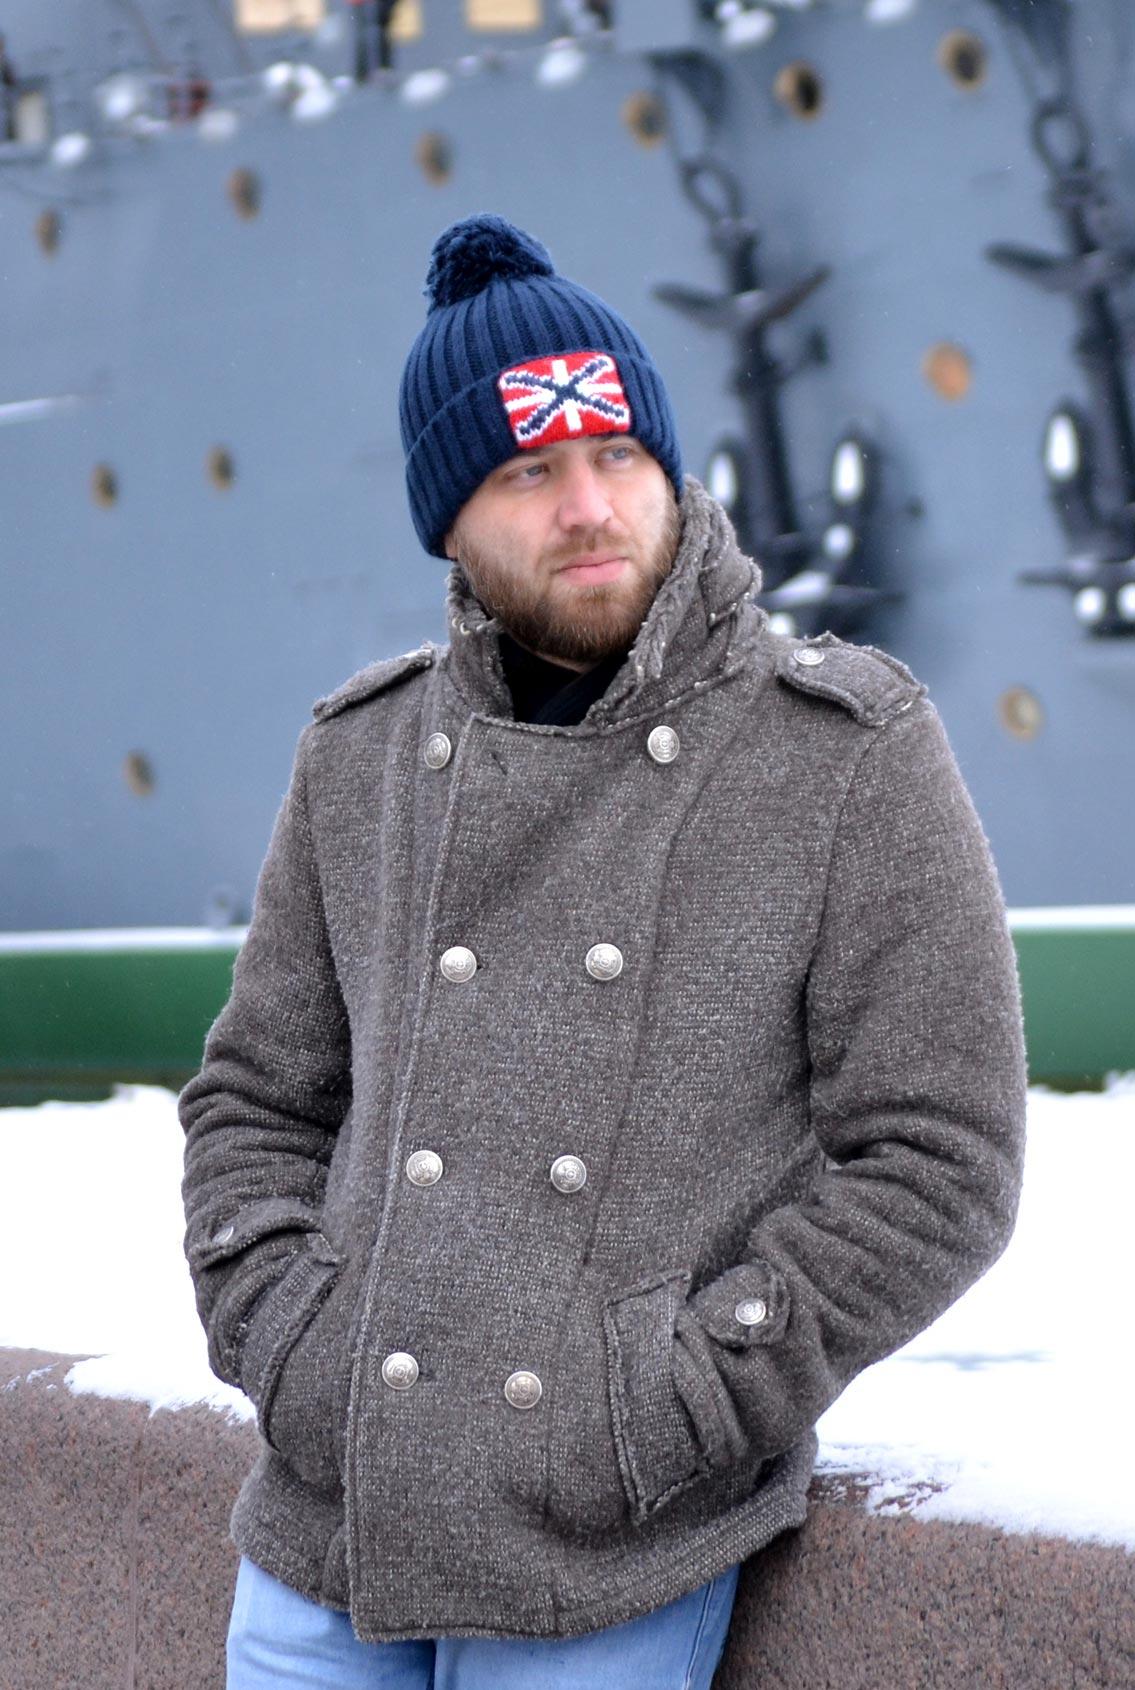 шапка с флагом, hat with flag